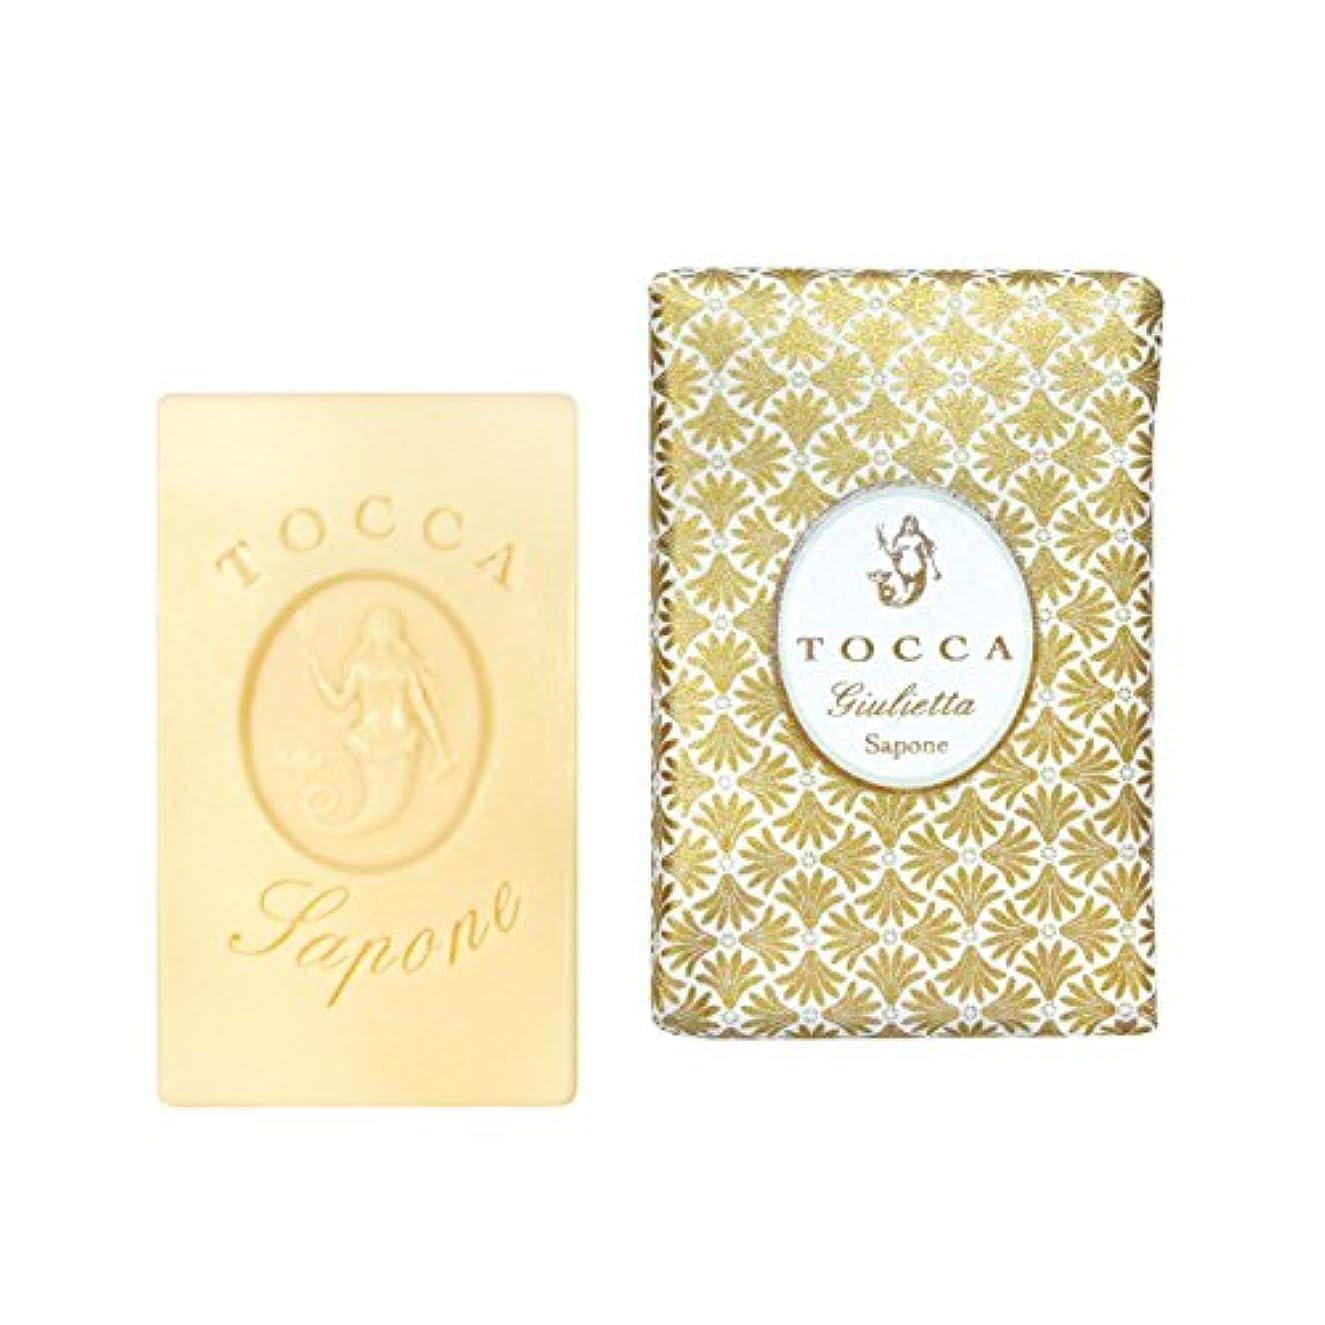 ベーコン再撮り娯楽トッカ(TOCCA) ソープバー ジュリエッタの香り 113g(化粧石けん ピンクチューリップとグリーンアップルの爽やかで甘い香り)